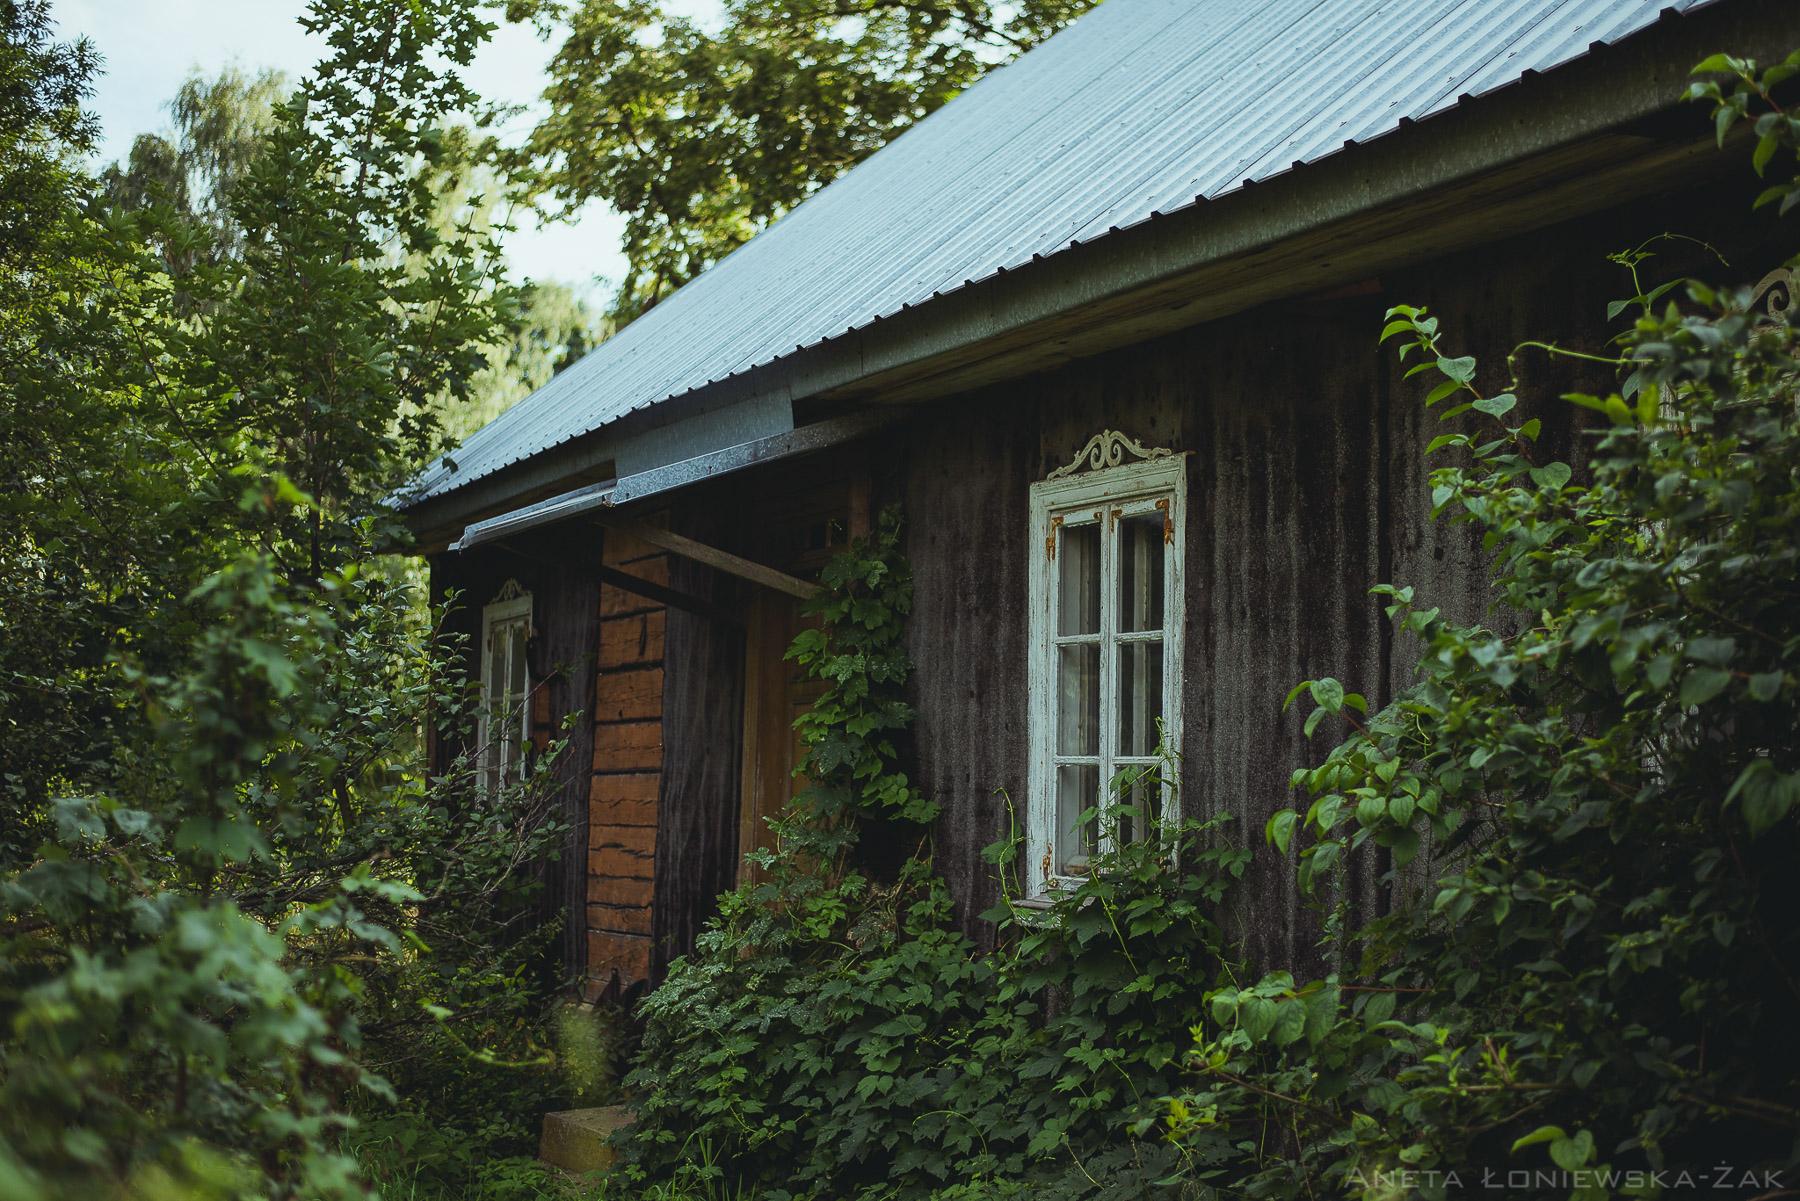 fotografia przyrodnicza, puszcza knyszyńska, podlasie, drewniany dom